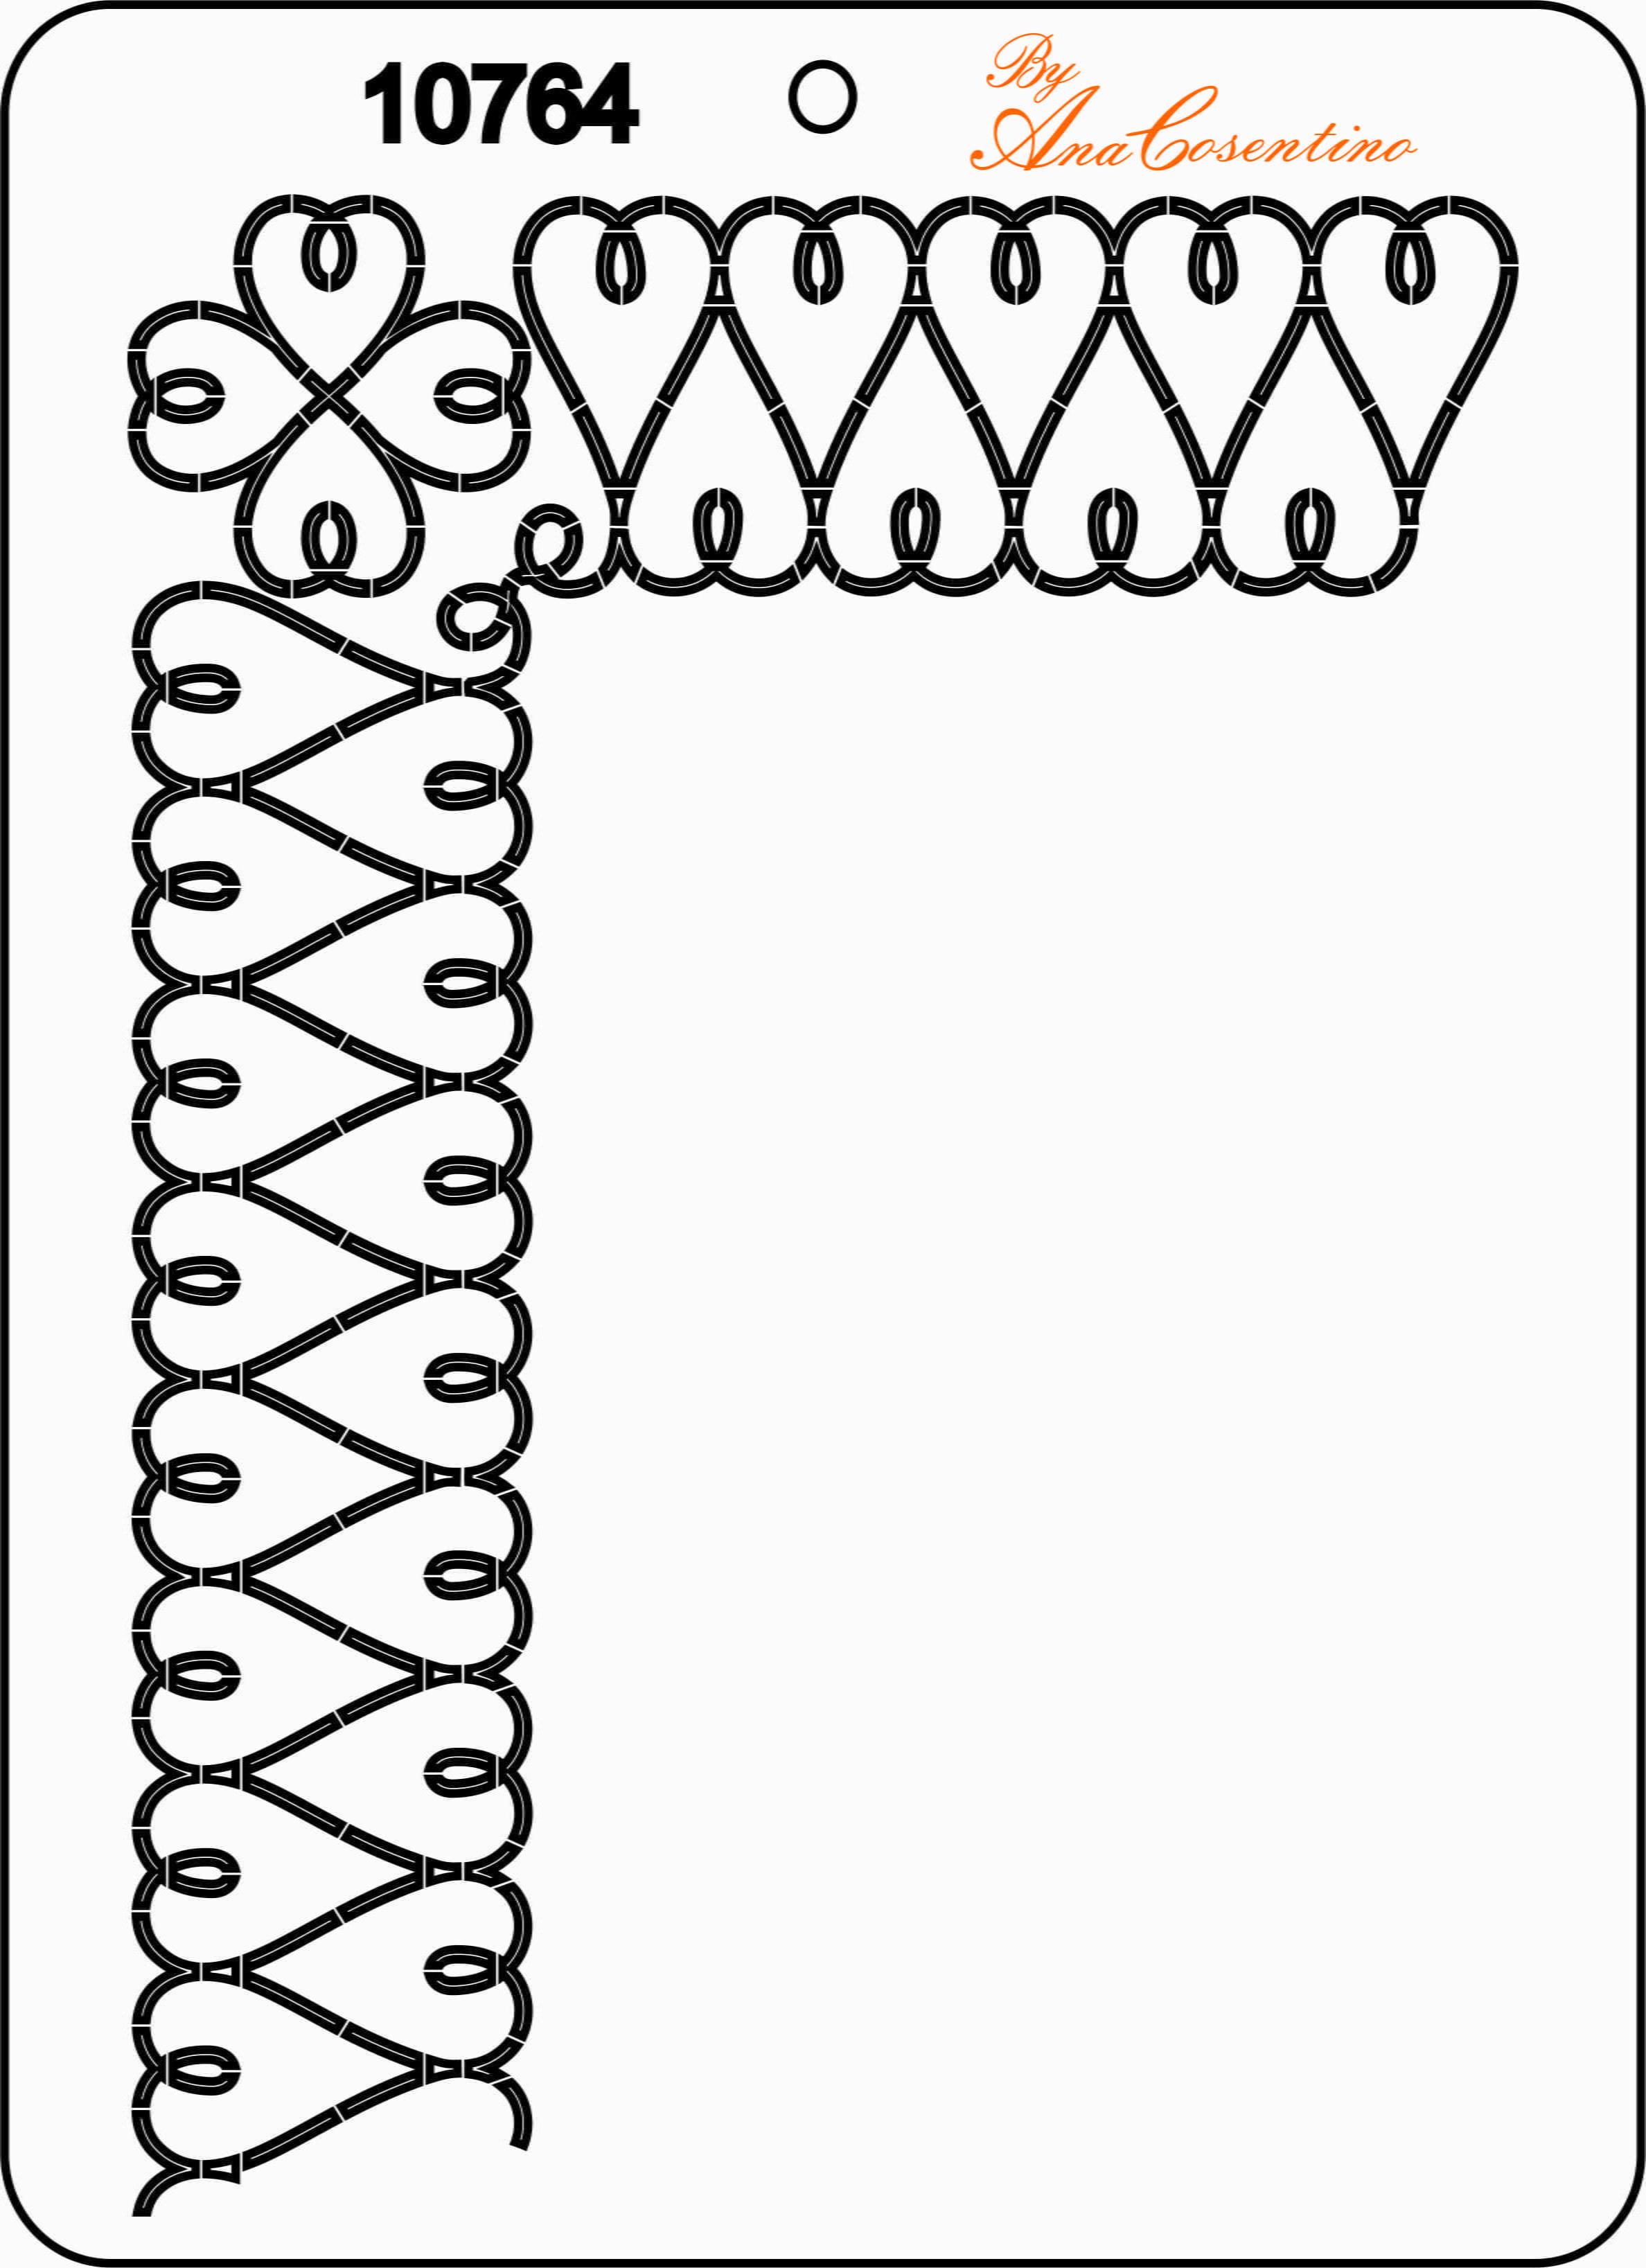 Estêncil de Quilting - 10764